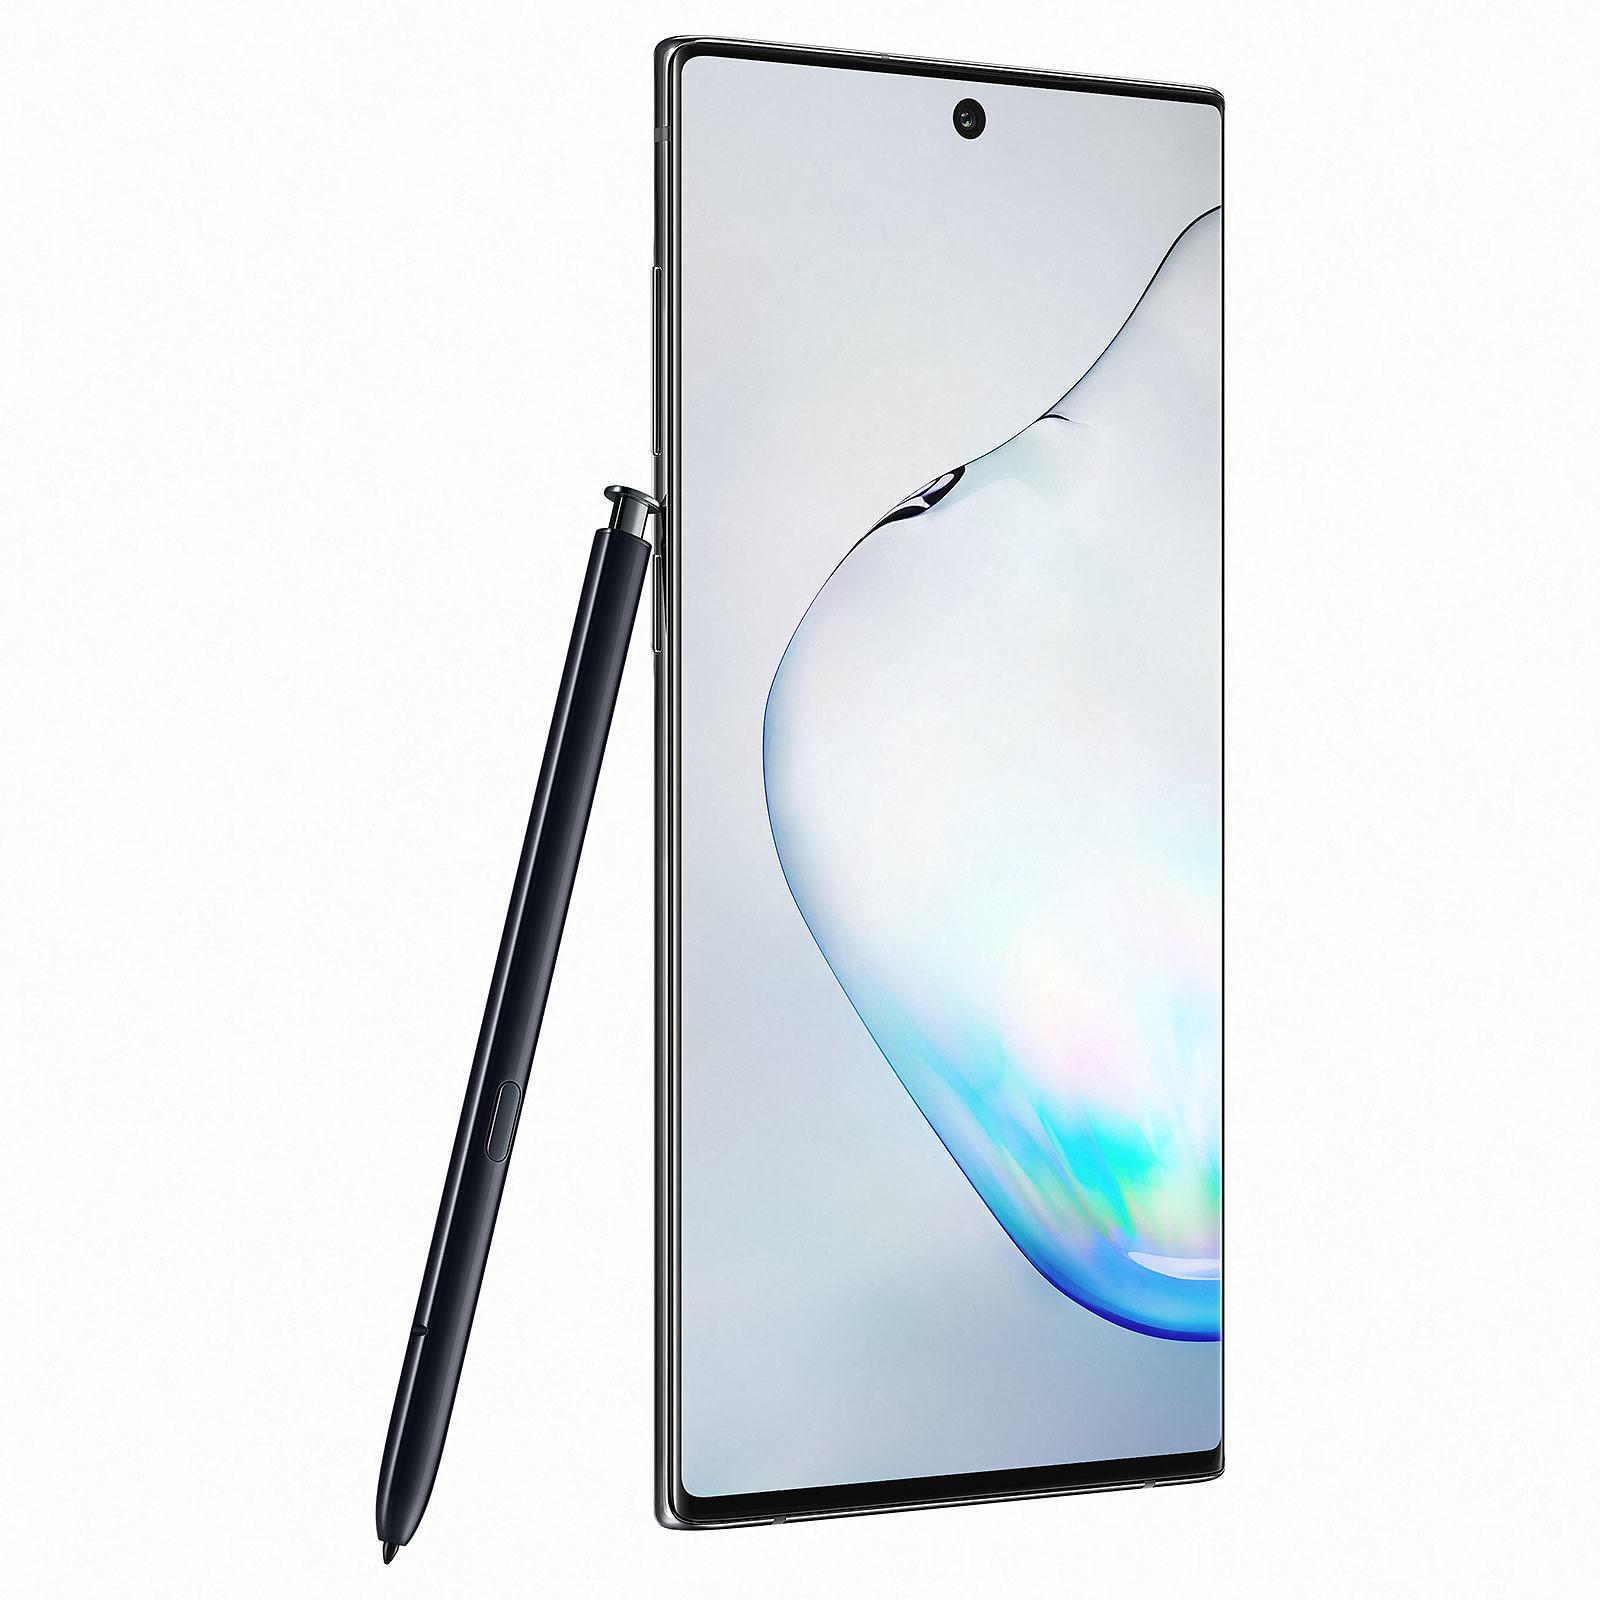 """Smartphone 6.3"""" Samsung Galaxy Note 10 Noir - Full HD+, Exynos 9825, 8 Go RAM, 256 Go"""